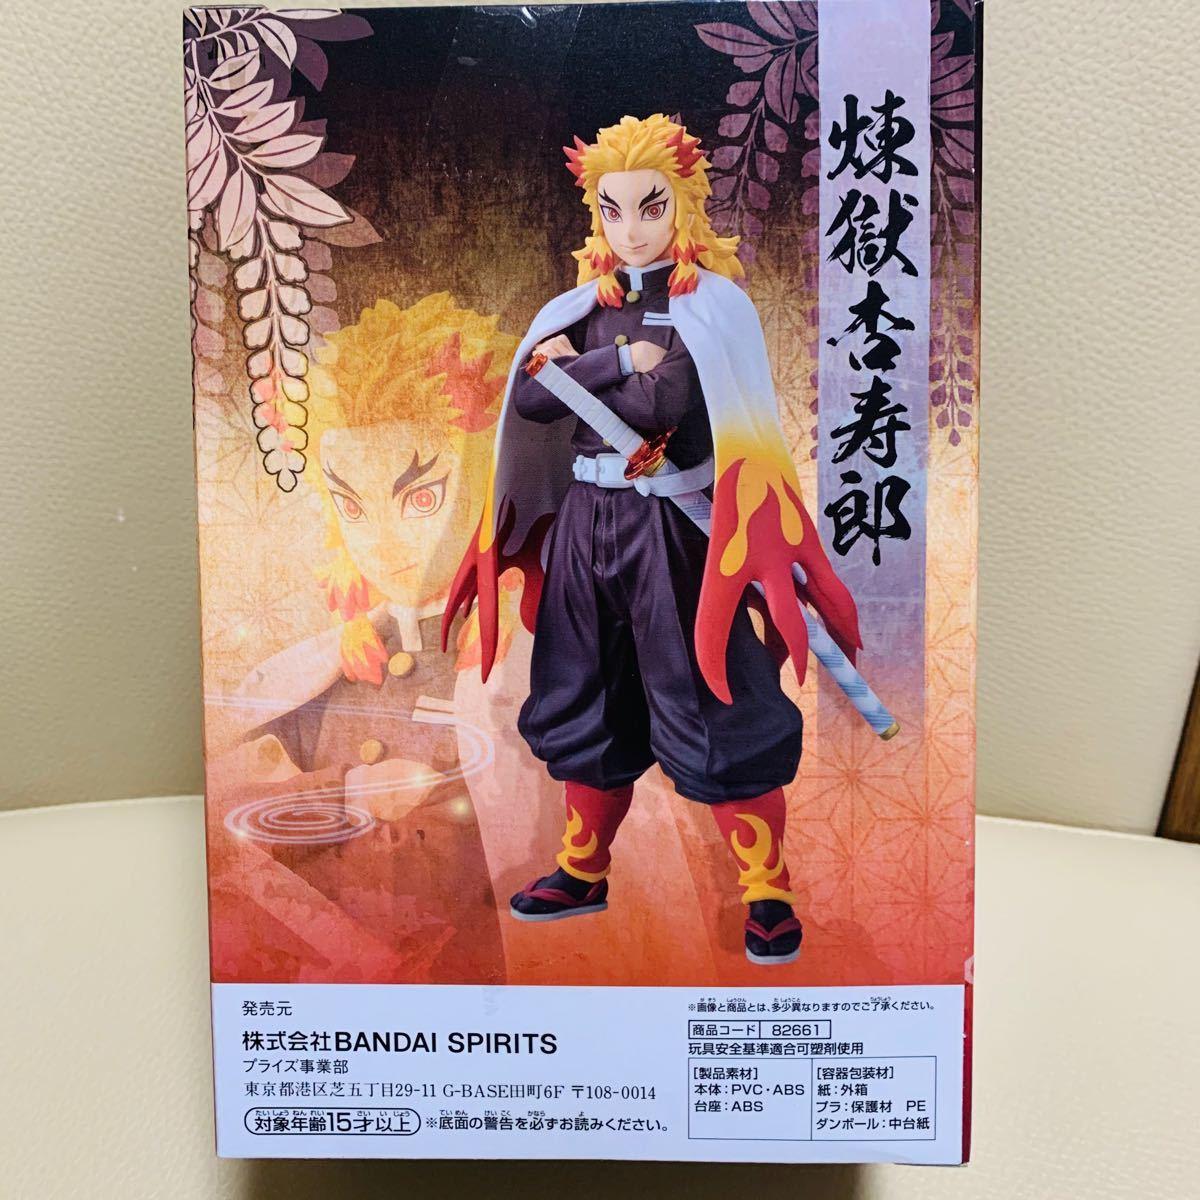 鬼滅の刃 フィギュア - 絆ノ装 - 拾ノ型 煉獄杏寿郎 フィギュア 新品